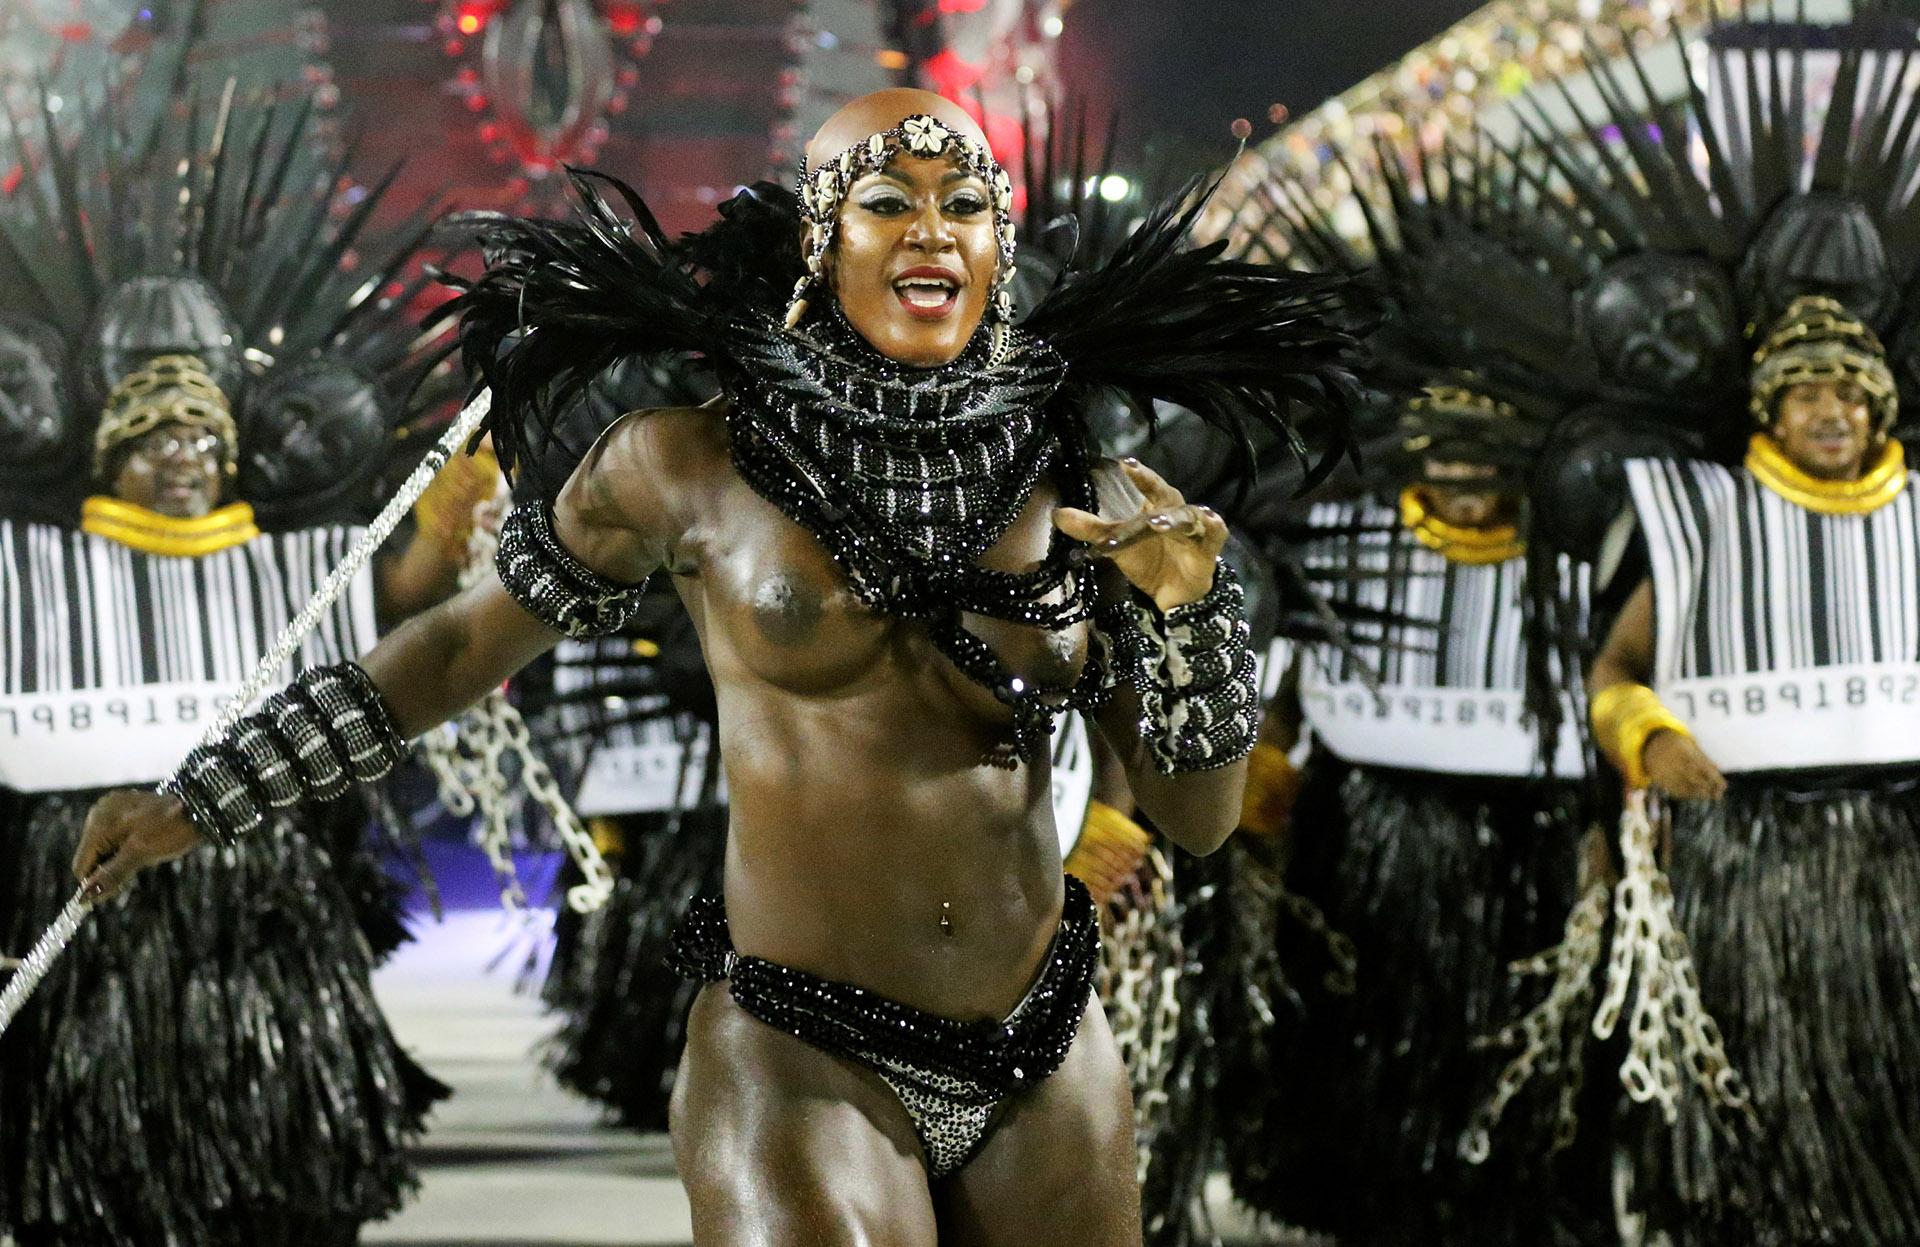 Por tercer año consecutivo, los grupos de samba enfrentan restricciones presupuestarias: la subvención que reciben de la alcaldía se redujo de un millón a 500.000 reales (unos 132.000 dólares)